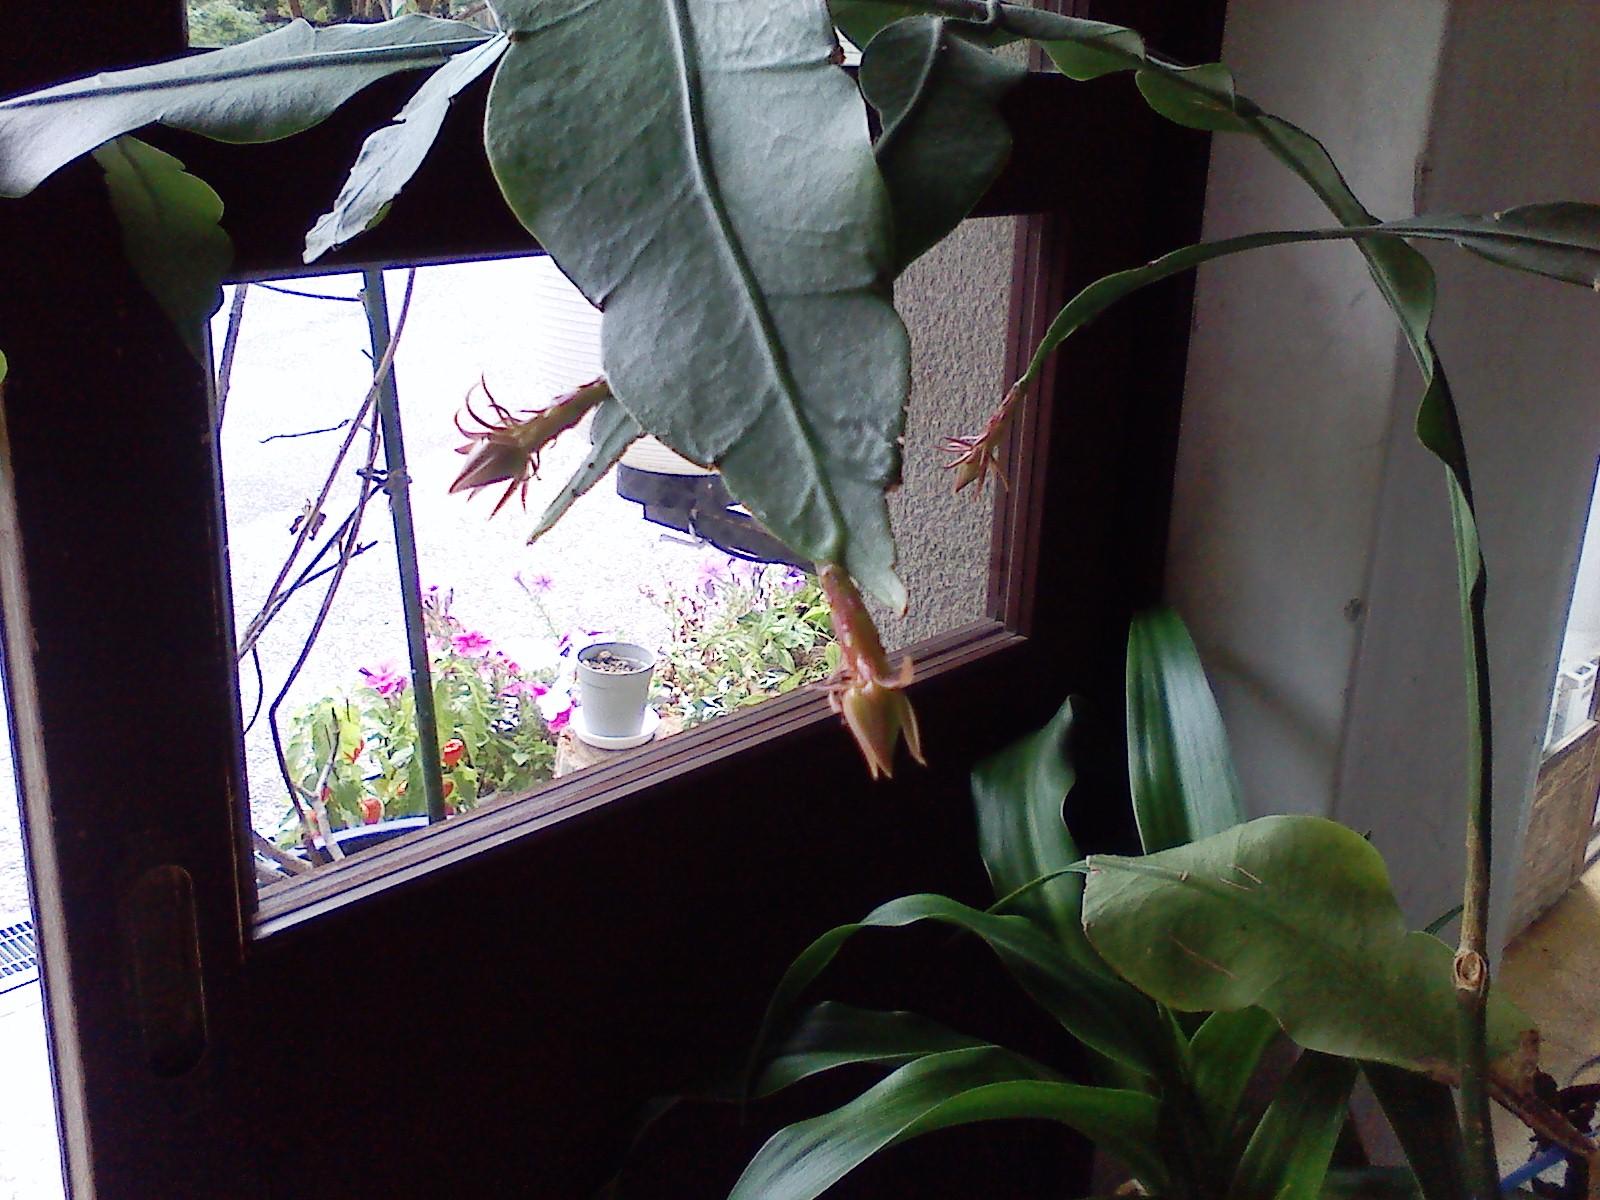 月下美人の花の蕾_f0219043_131516100.jpg